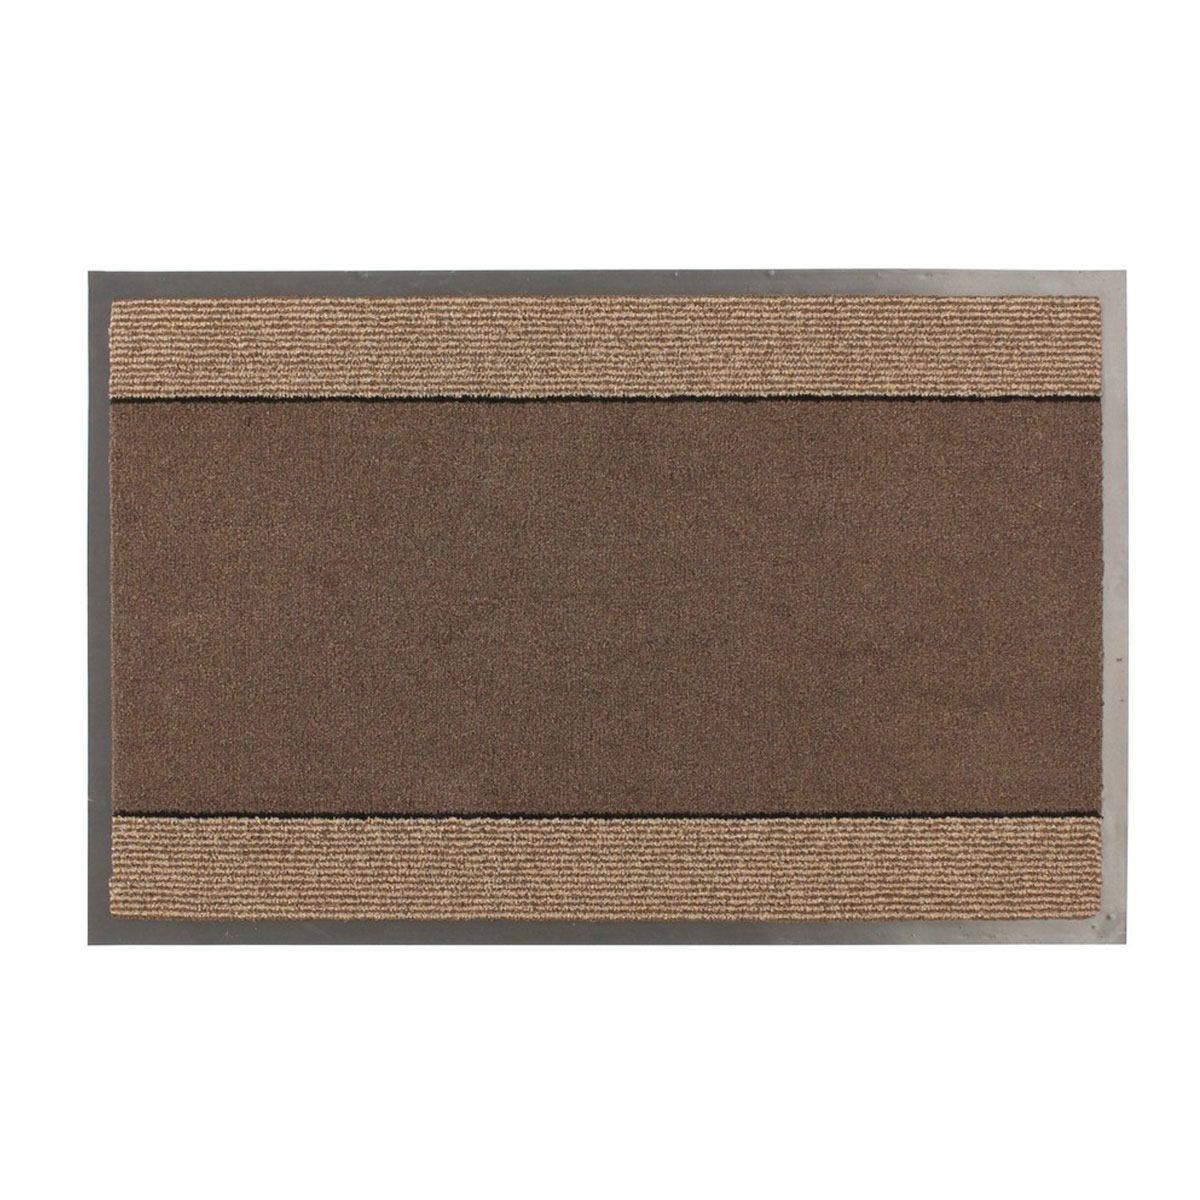 JVL Miracle Barrier 40 x 60cm Striped Door Mat - Brown/Beige